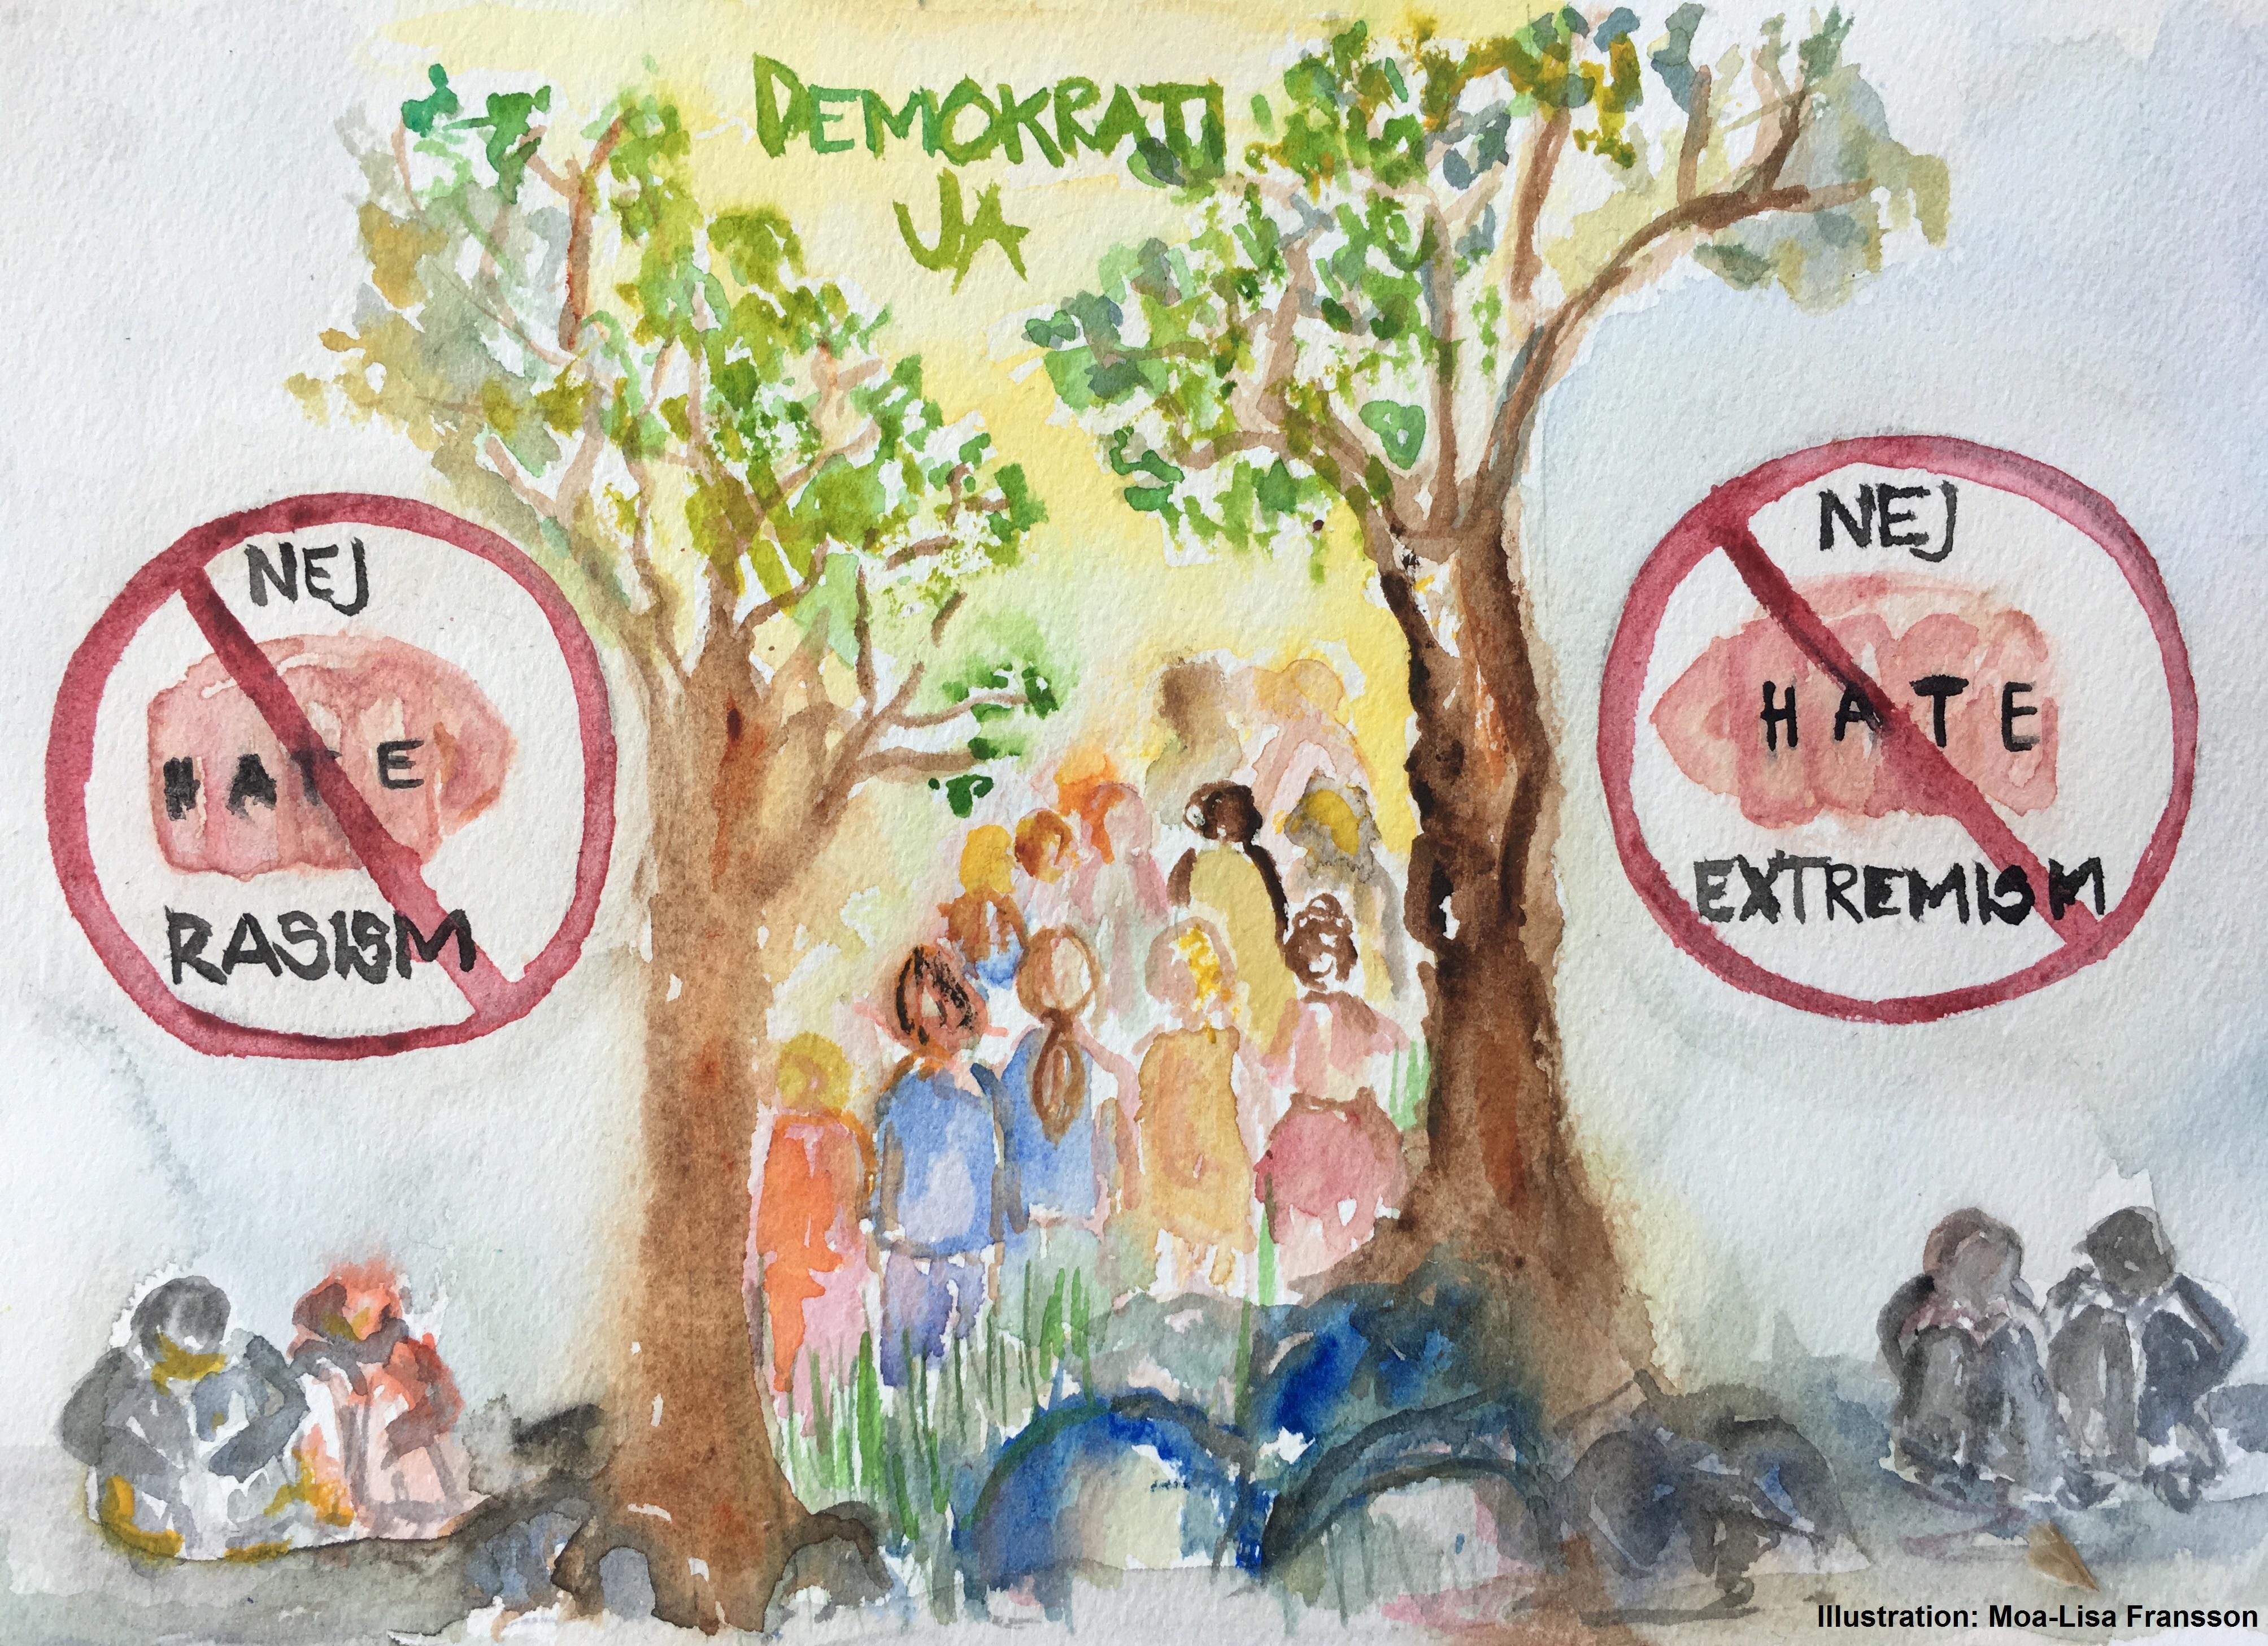 Inlagg vi ska undervisa om demokratin